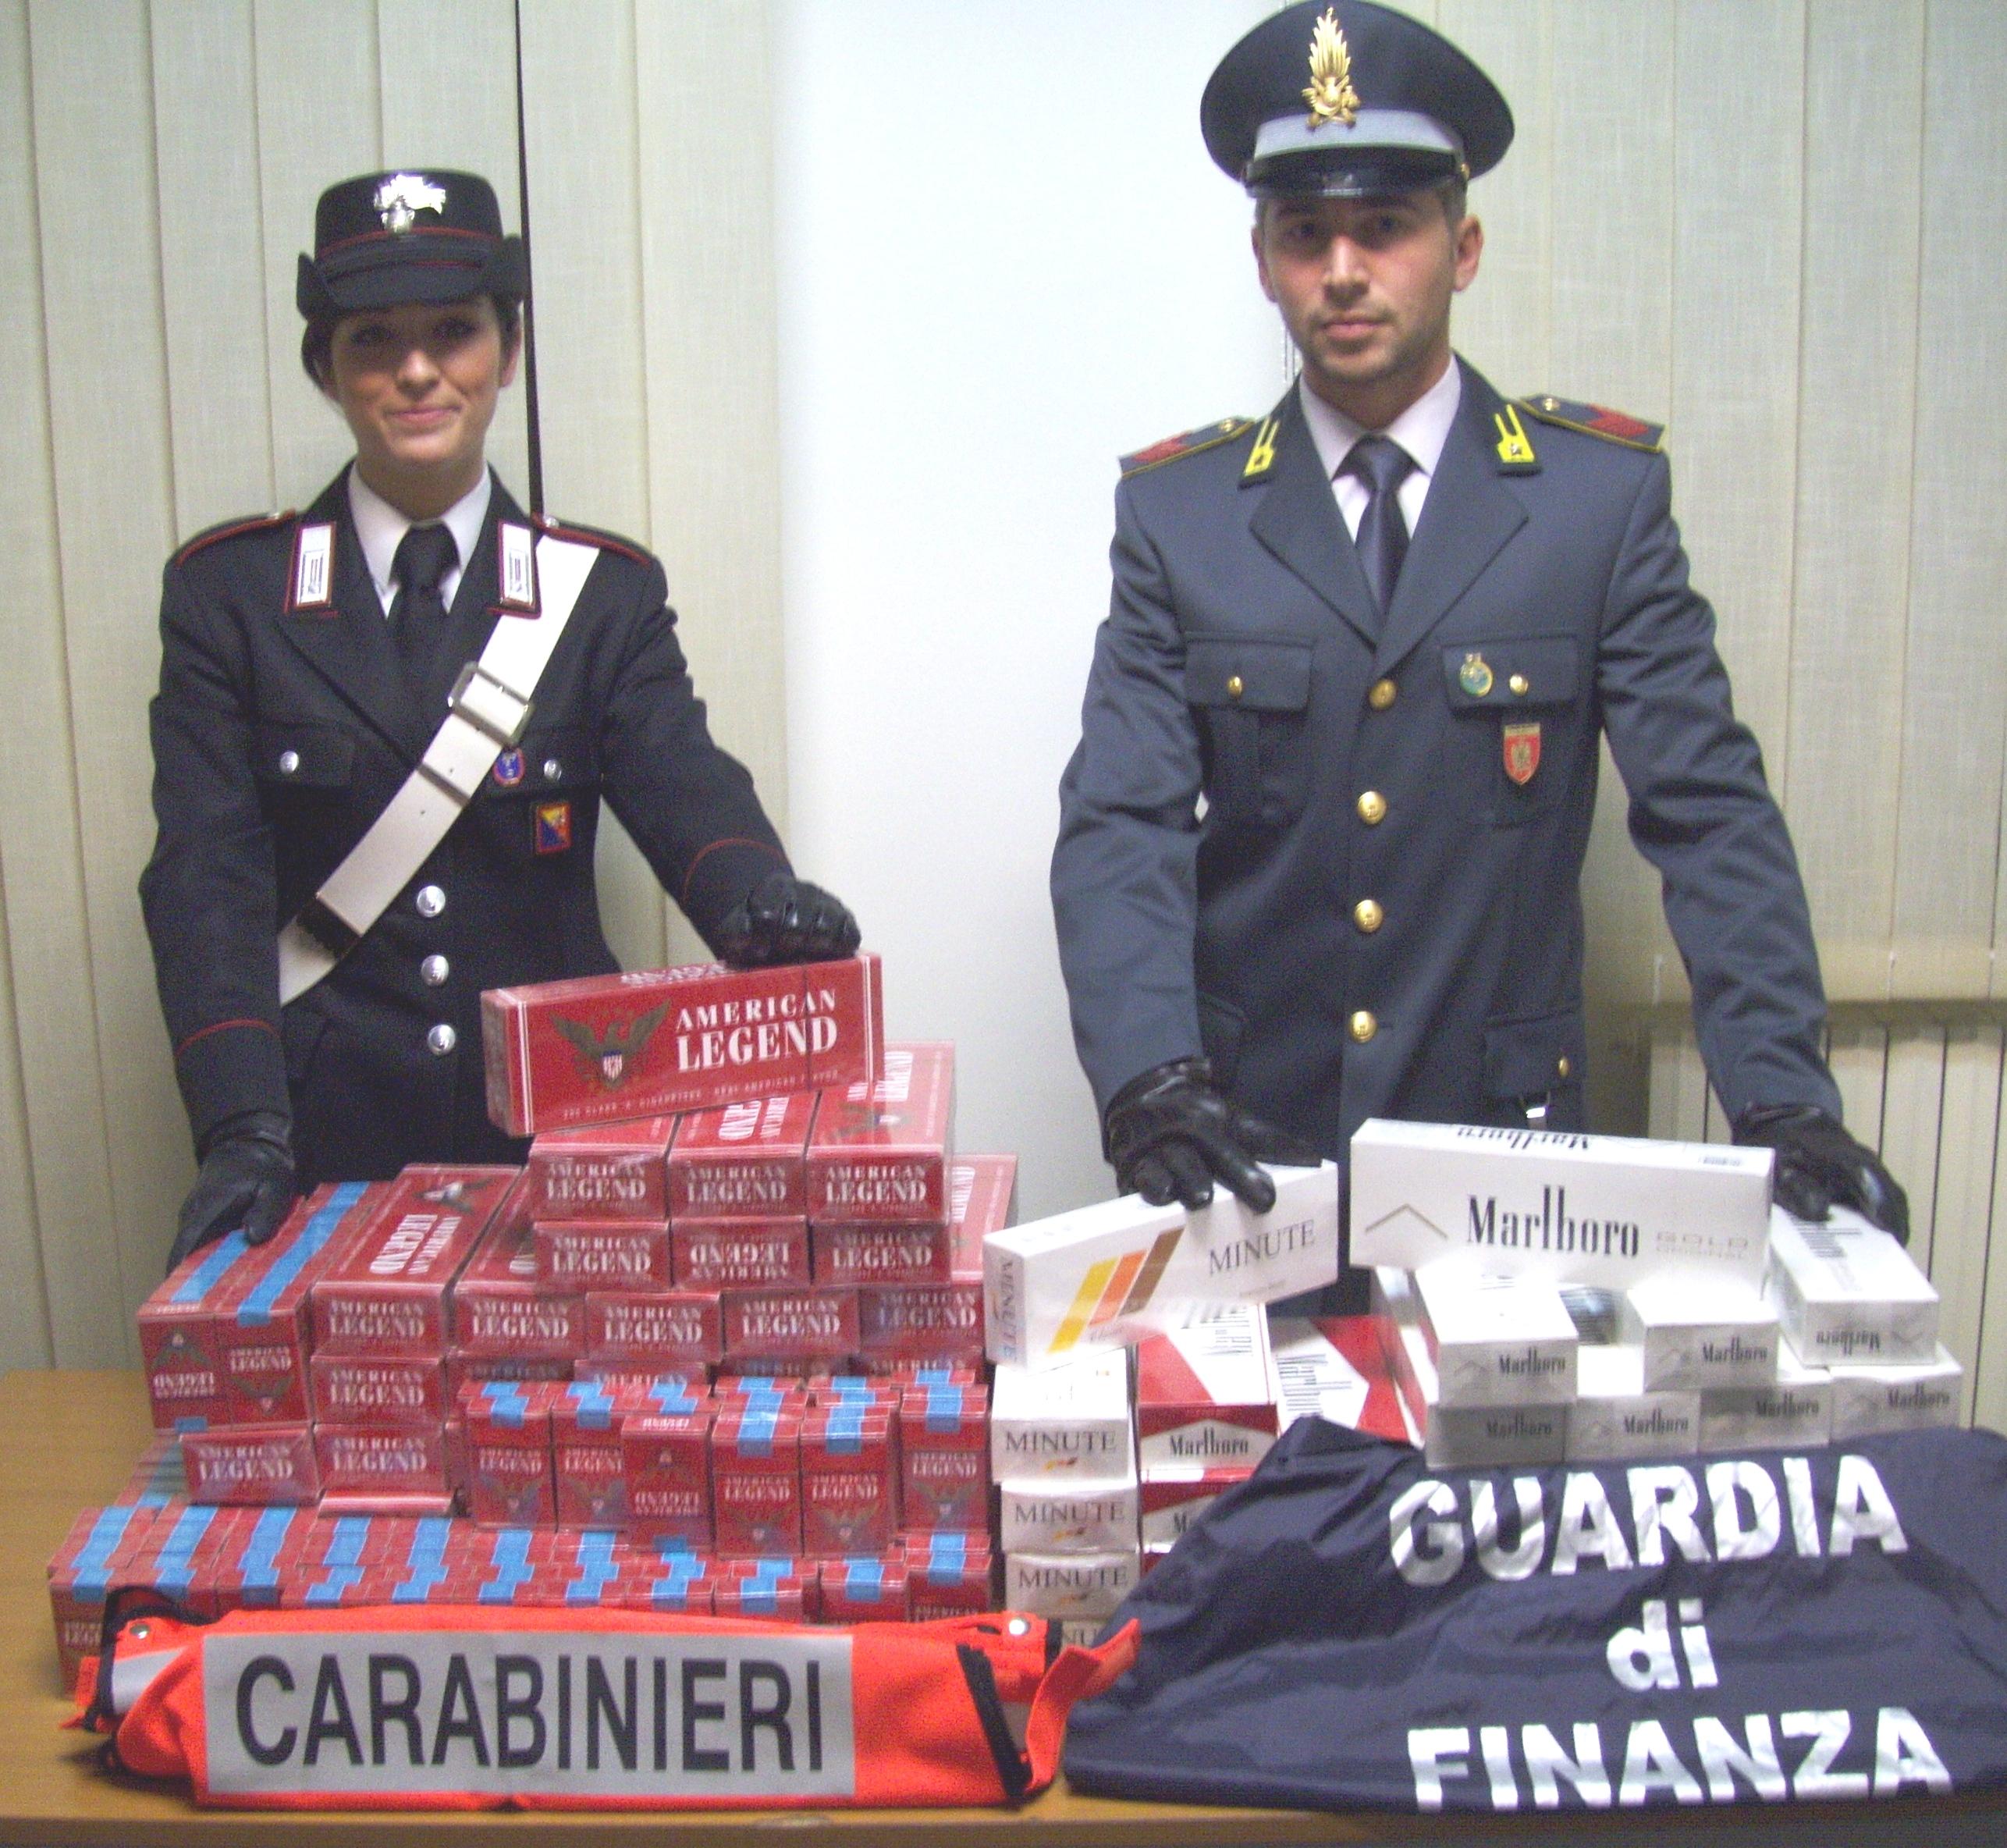 Contrabbando di sigarette, stangata dai Carabinieri e dalla Guardia di Finanza